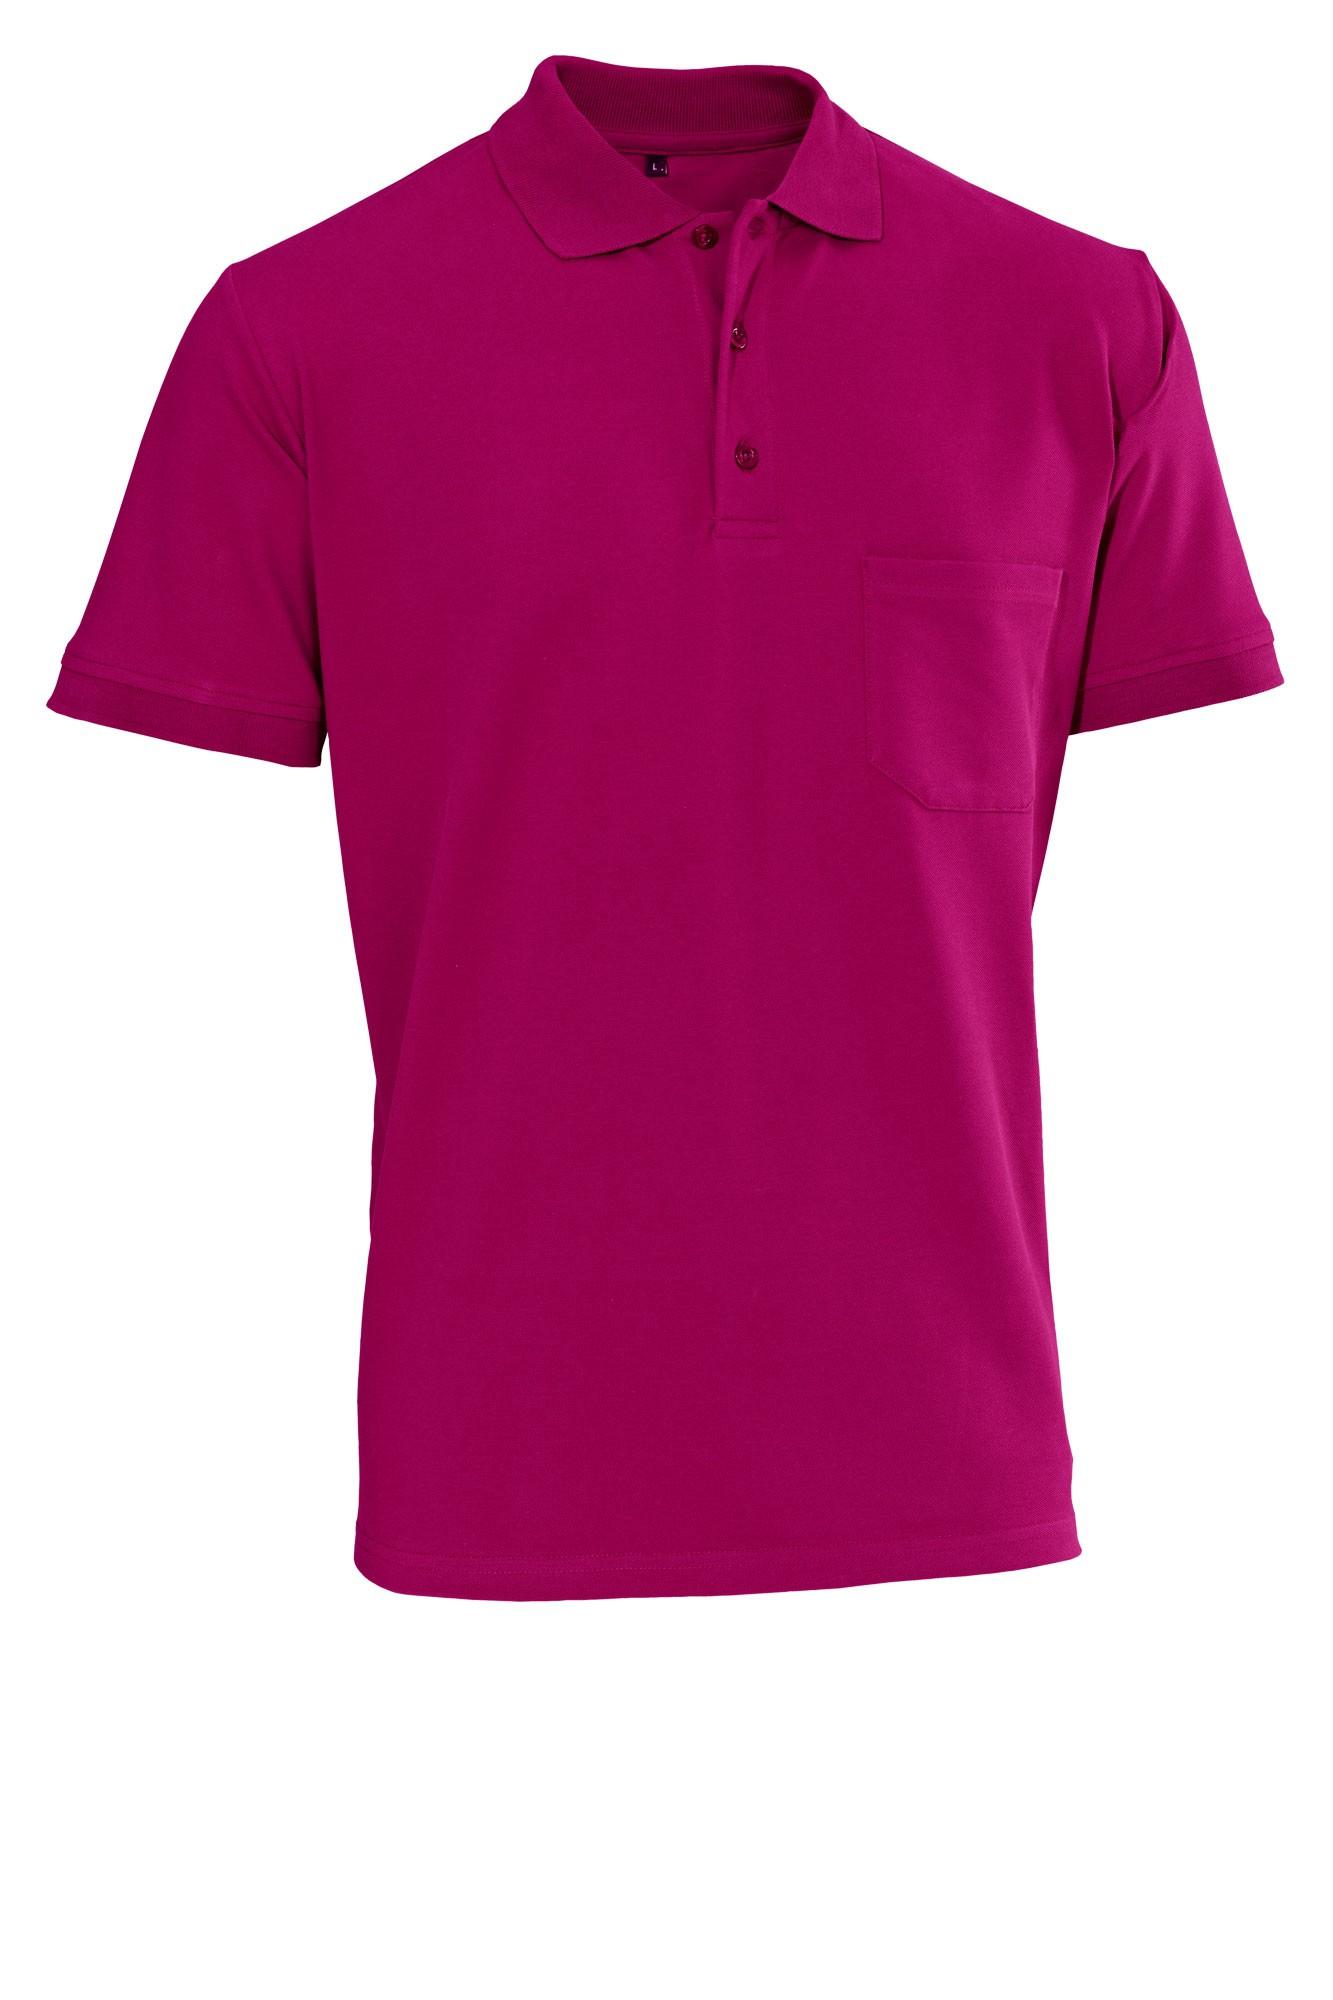 Pánské tričko Cato - ostružinová/krátký rukáv